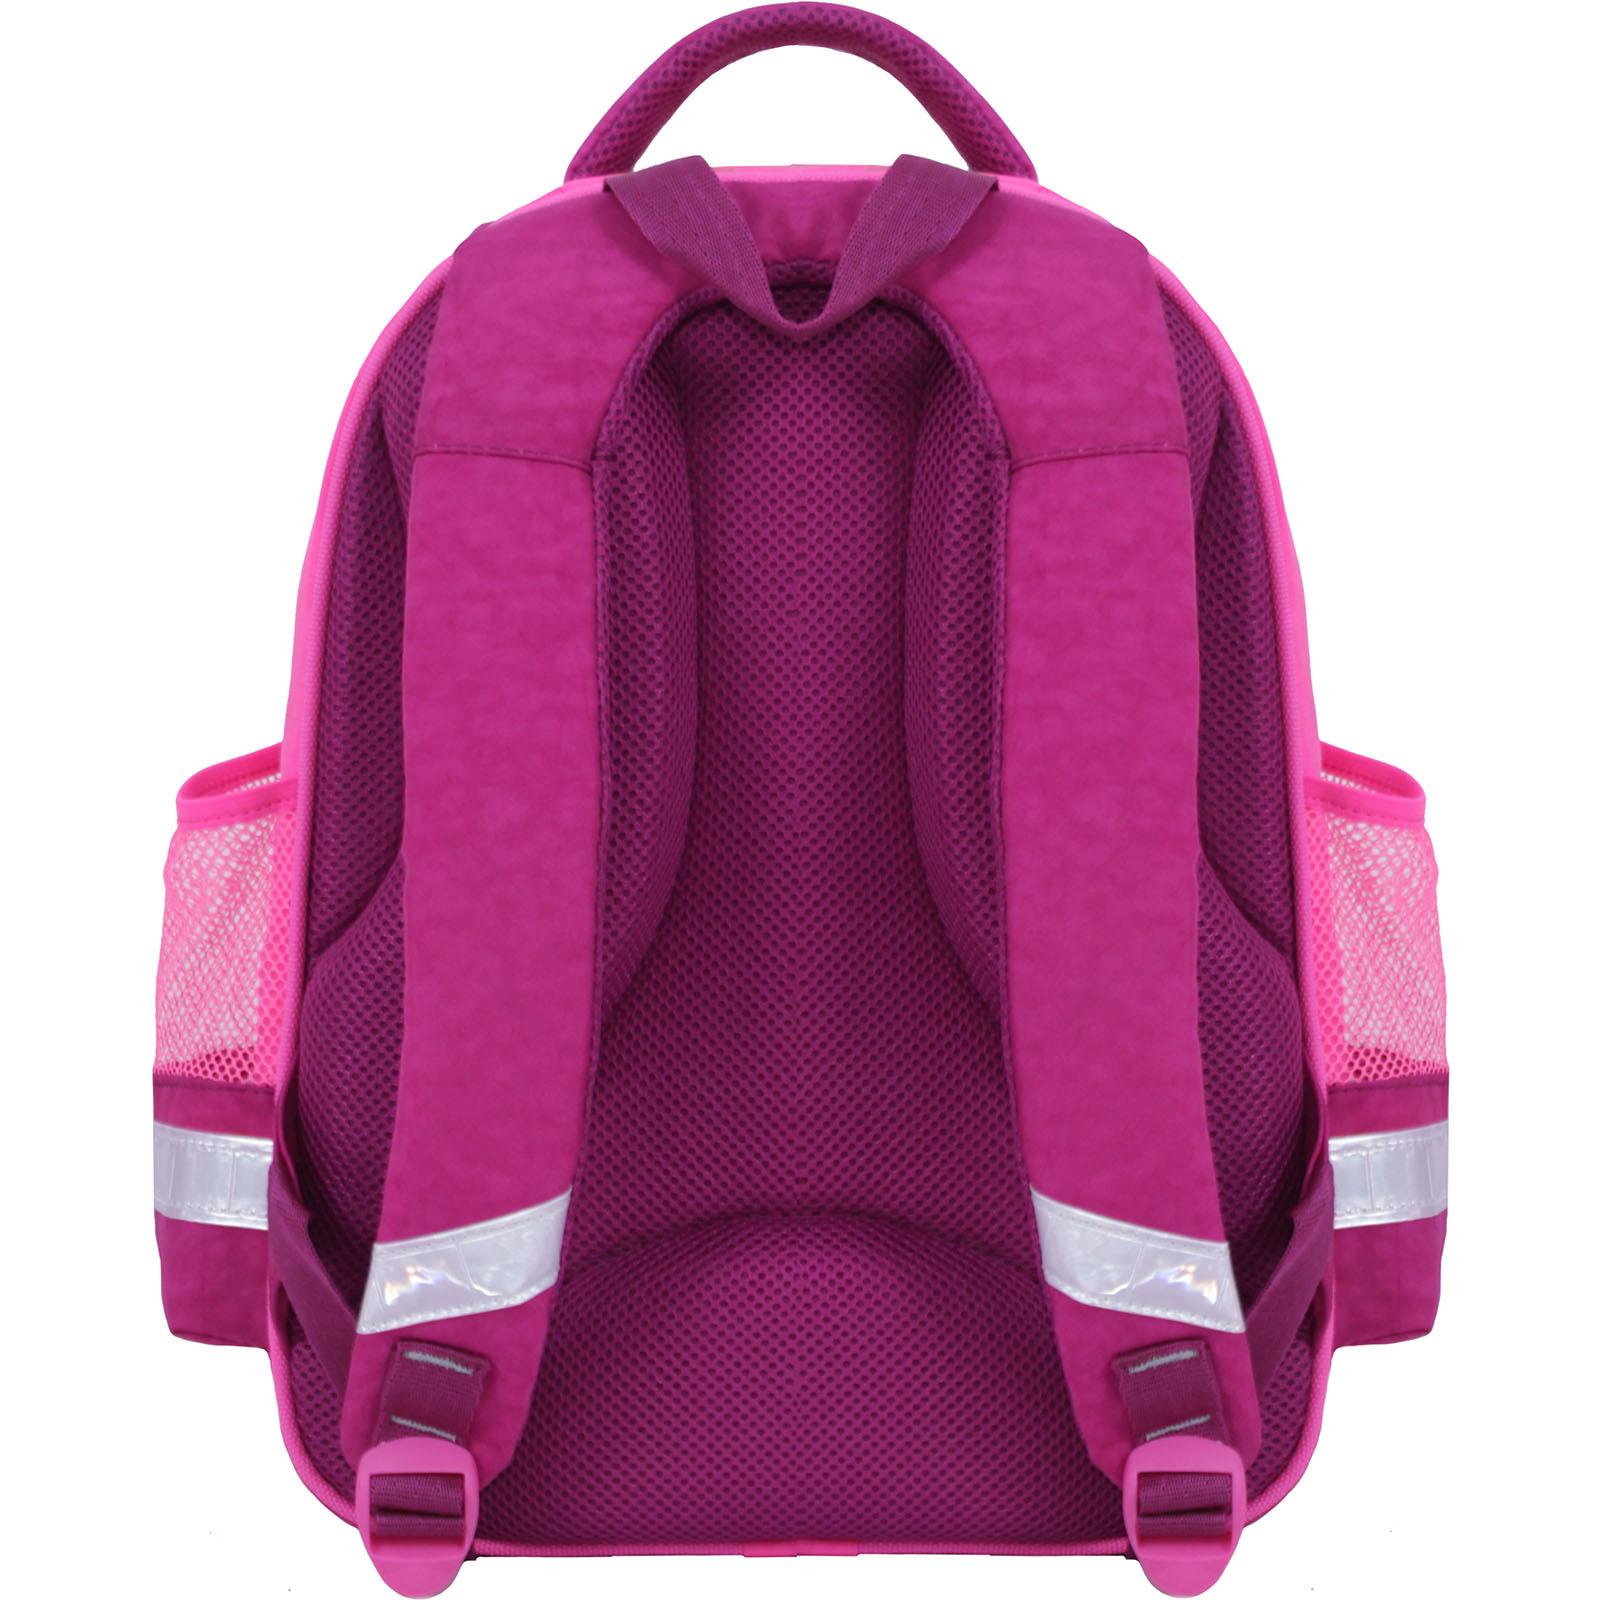 Рюкзак школьный Bagland Mouse 143 малиновый 167к (0051370) фото 3